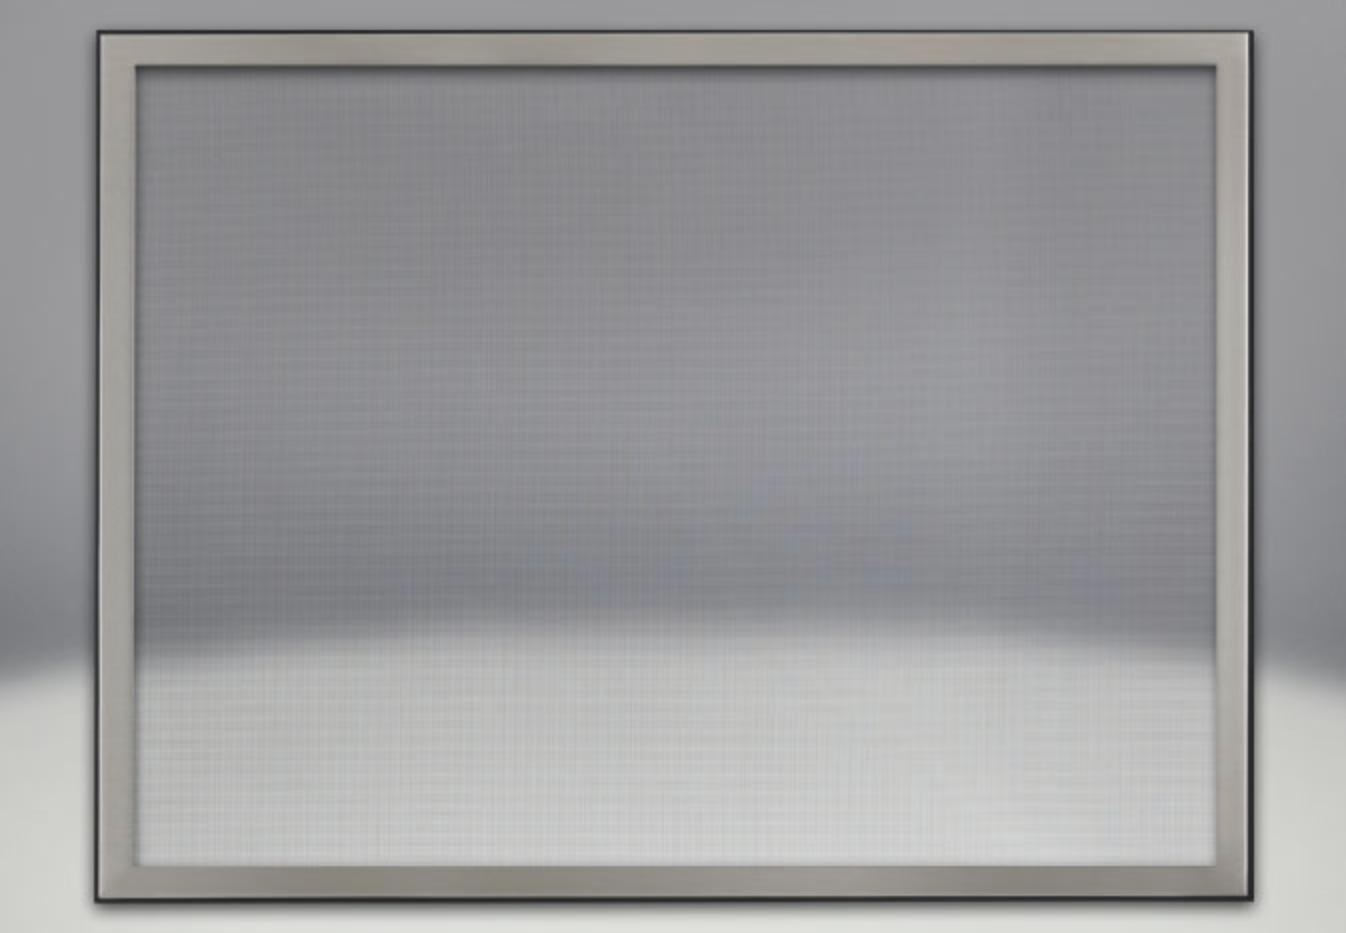 Brushed Nickel Front Frame.png